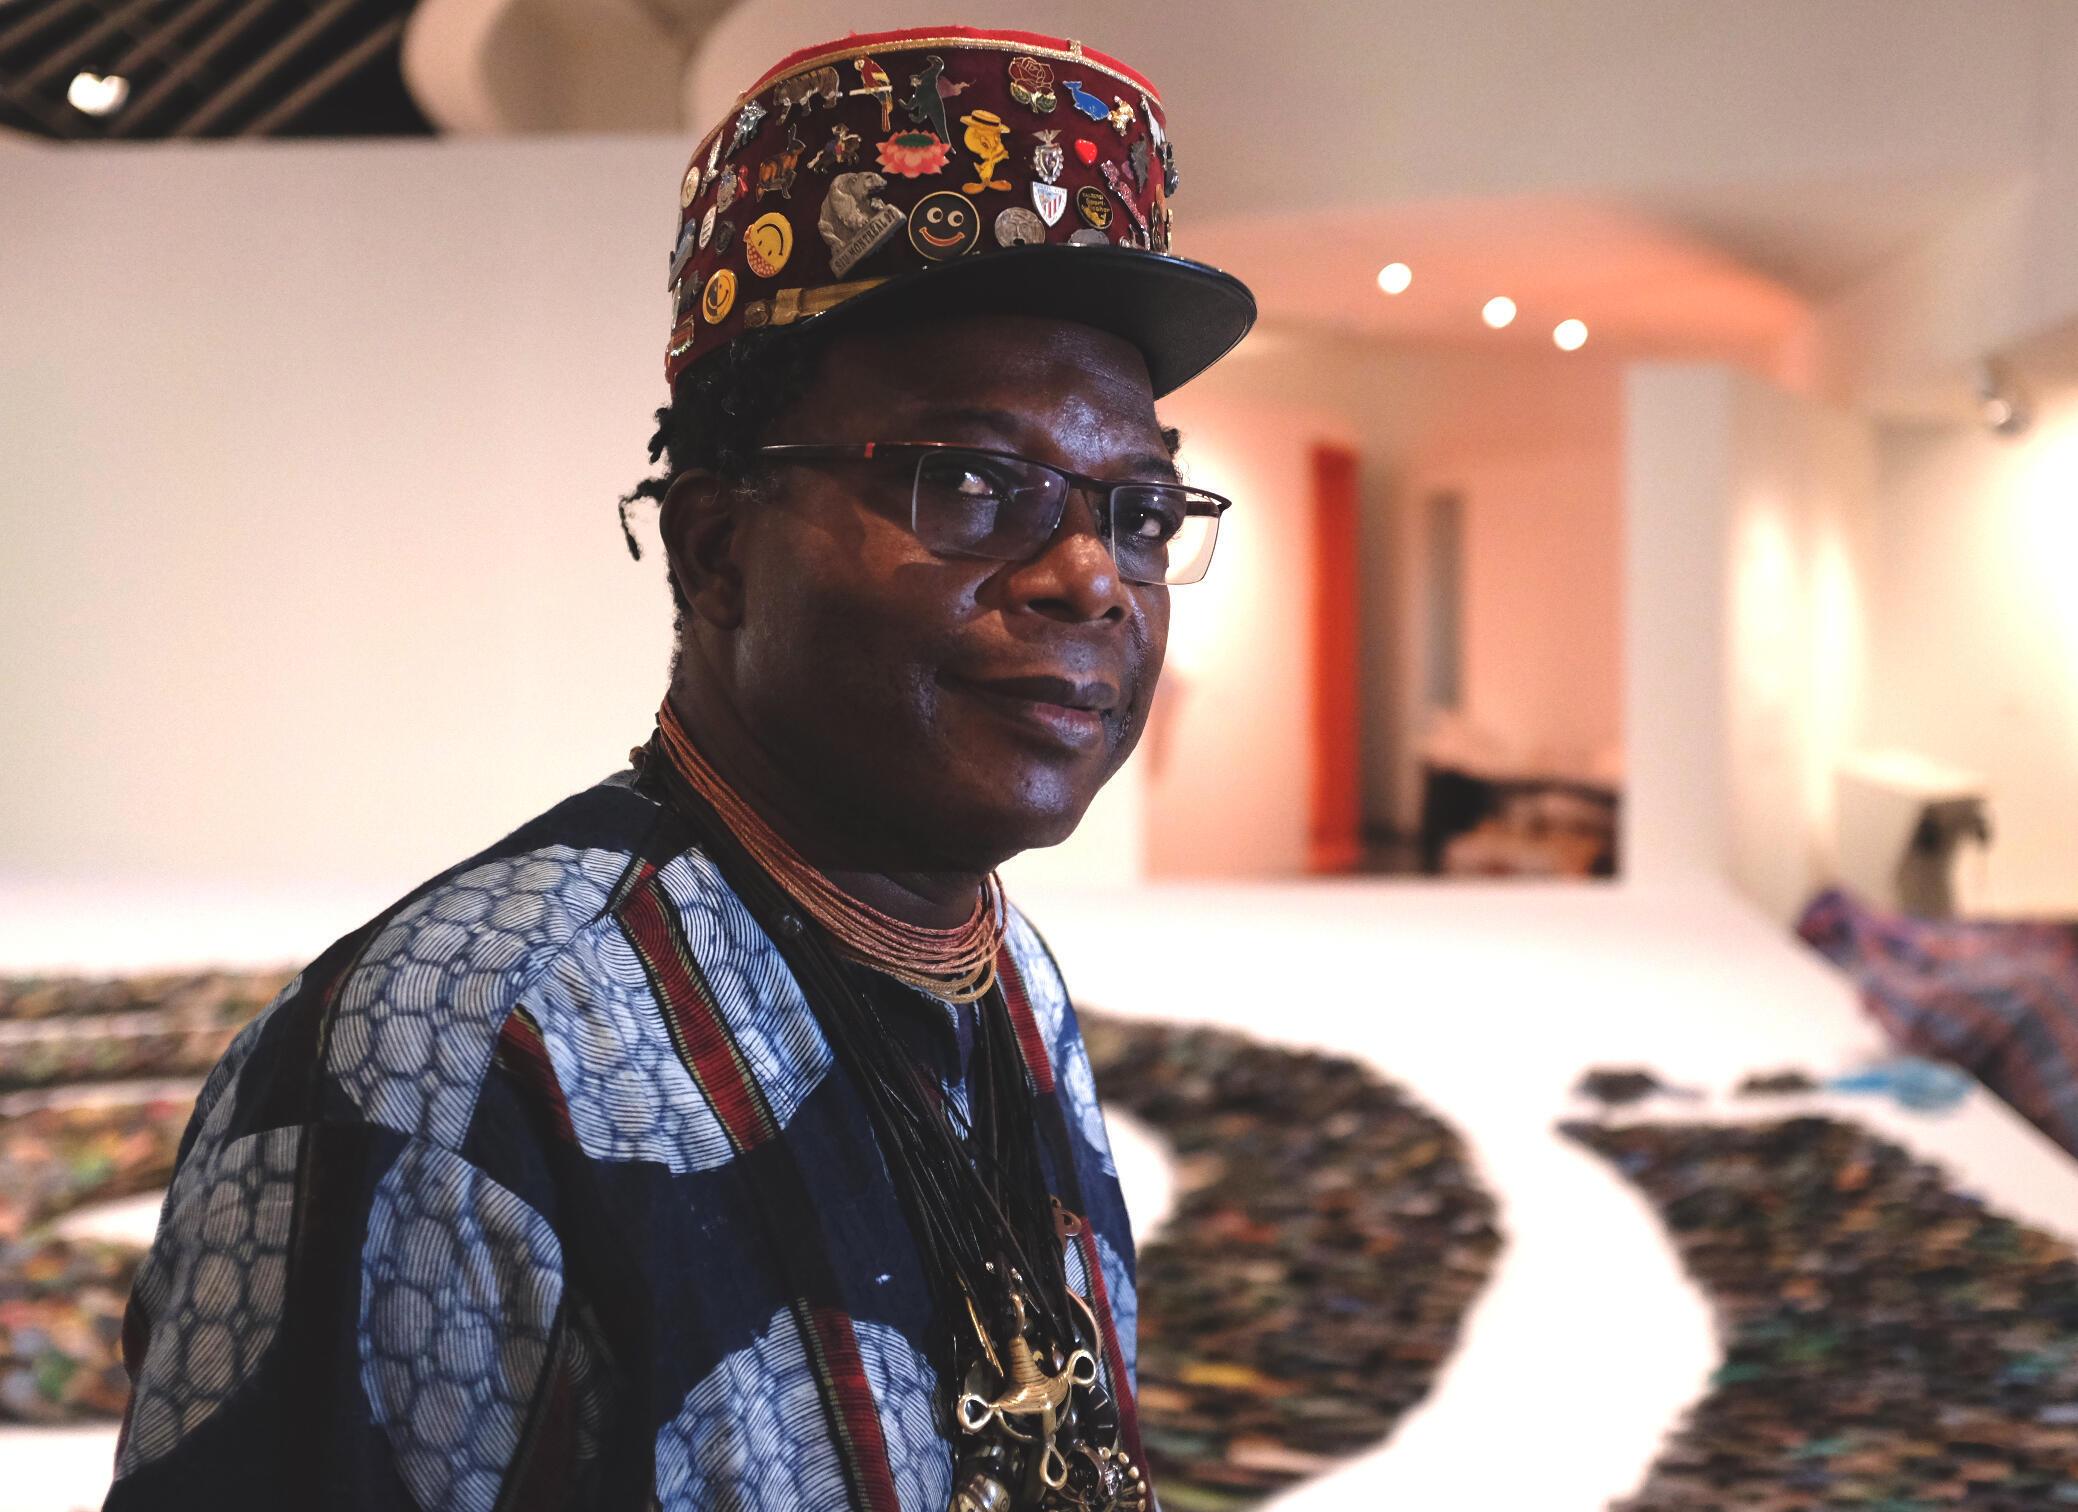 L'artiste plasticien béninois Romuald Hazoumè dans l'exposition « Ex Africa – présences africaines dans l'art aujourd'hui », au musée du Quai Branly, à Paris.  © Siegfried Forster / RFI